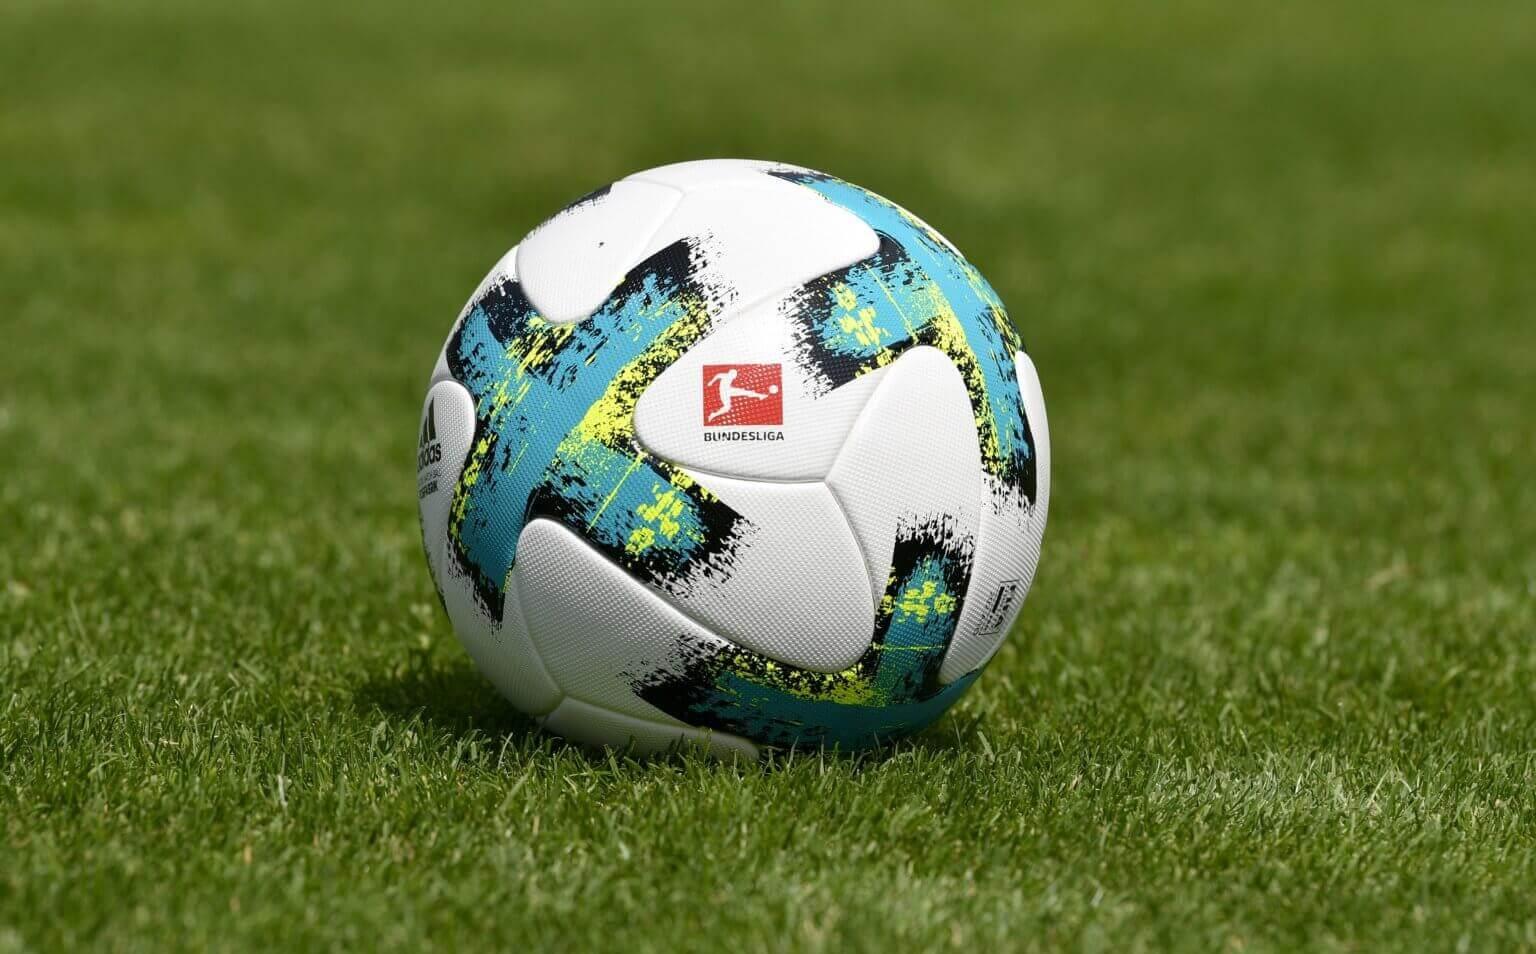 Bundesliga ball